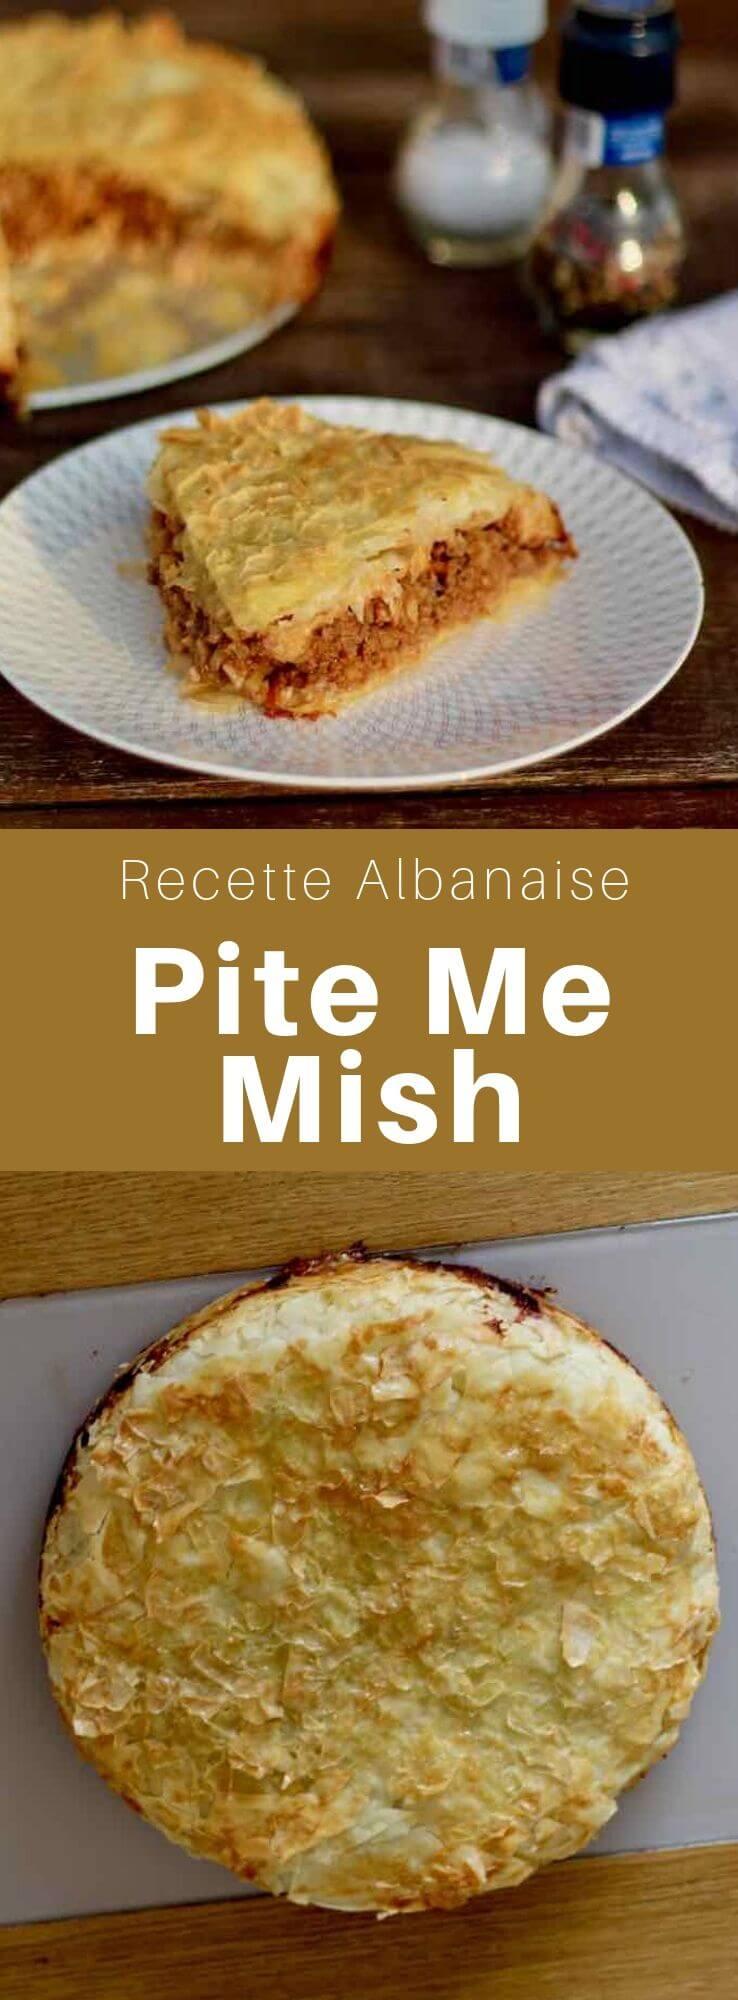 La pite me mish (ou byrek me mish) est un tourte de feuille phyllo a la viande, traditionnelle dans la cuisine albanaise. #Albanais #RecetteAlbanaise #CuisineAlbanaise #CuisineDuMonde #196flavors